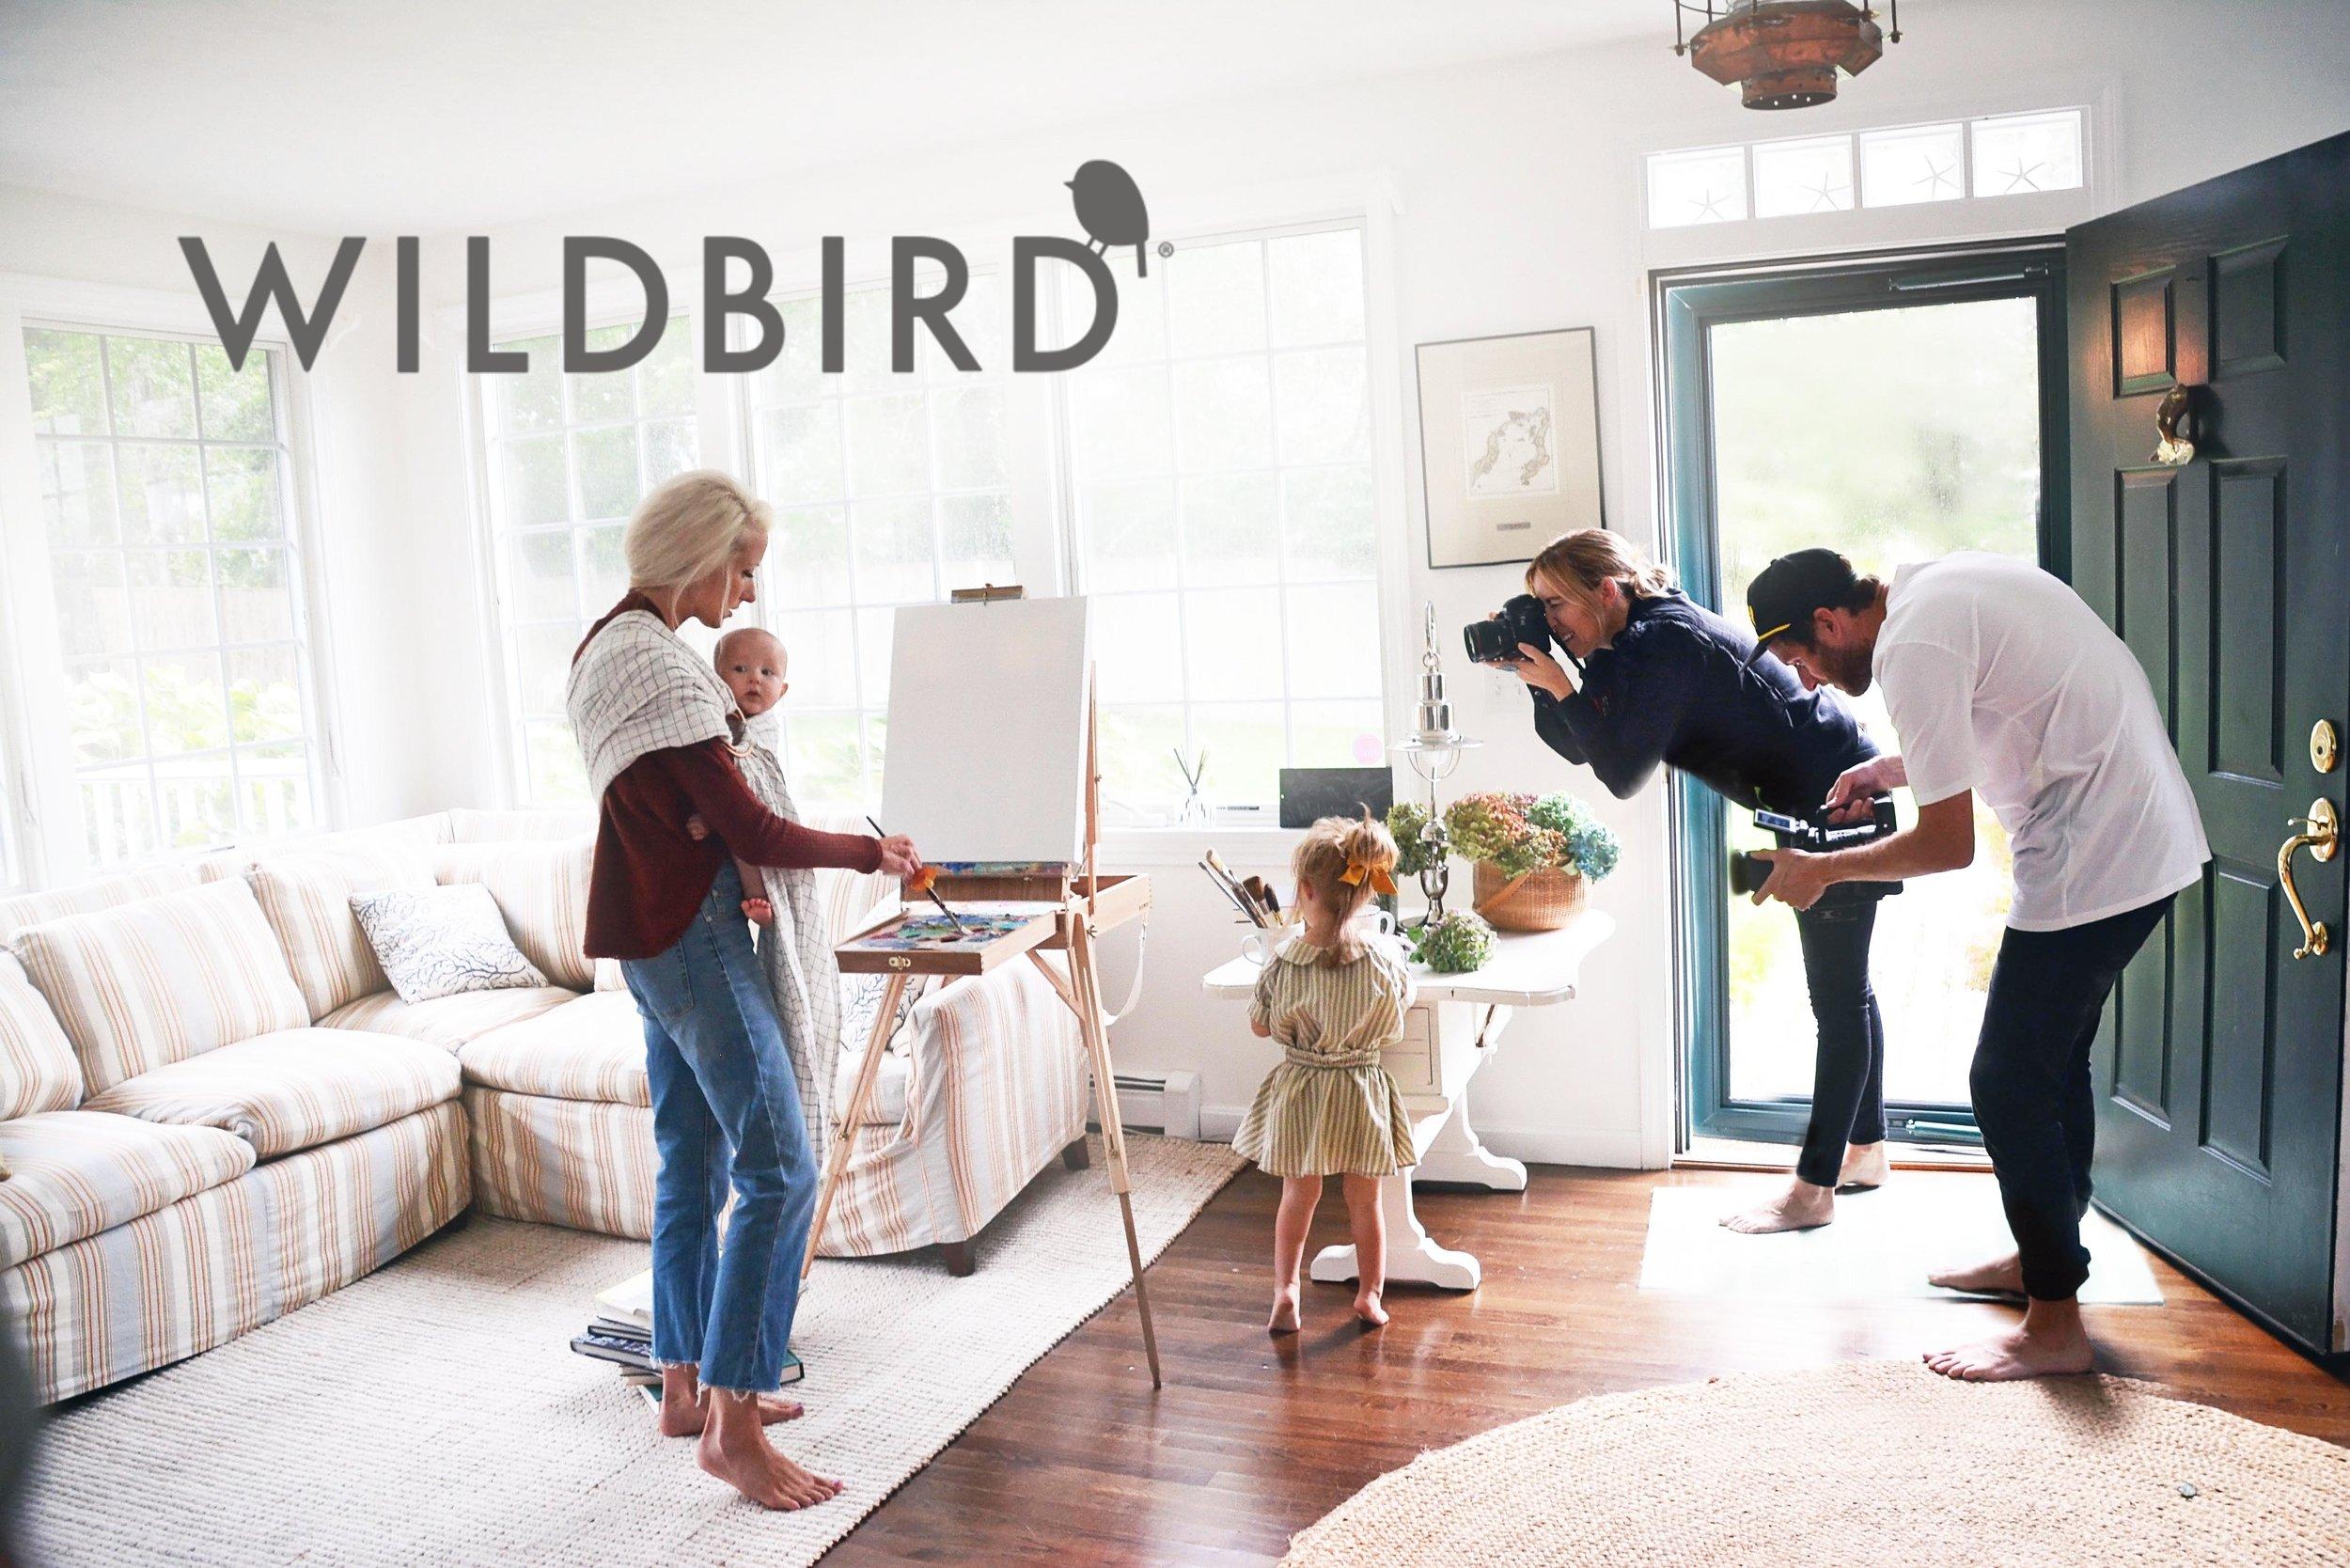 wildbird - cape cod